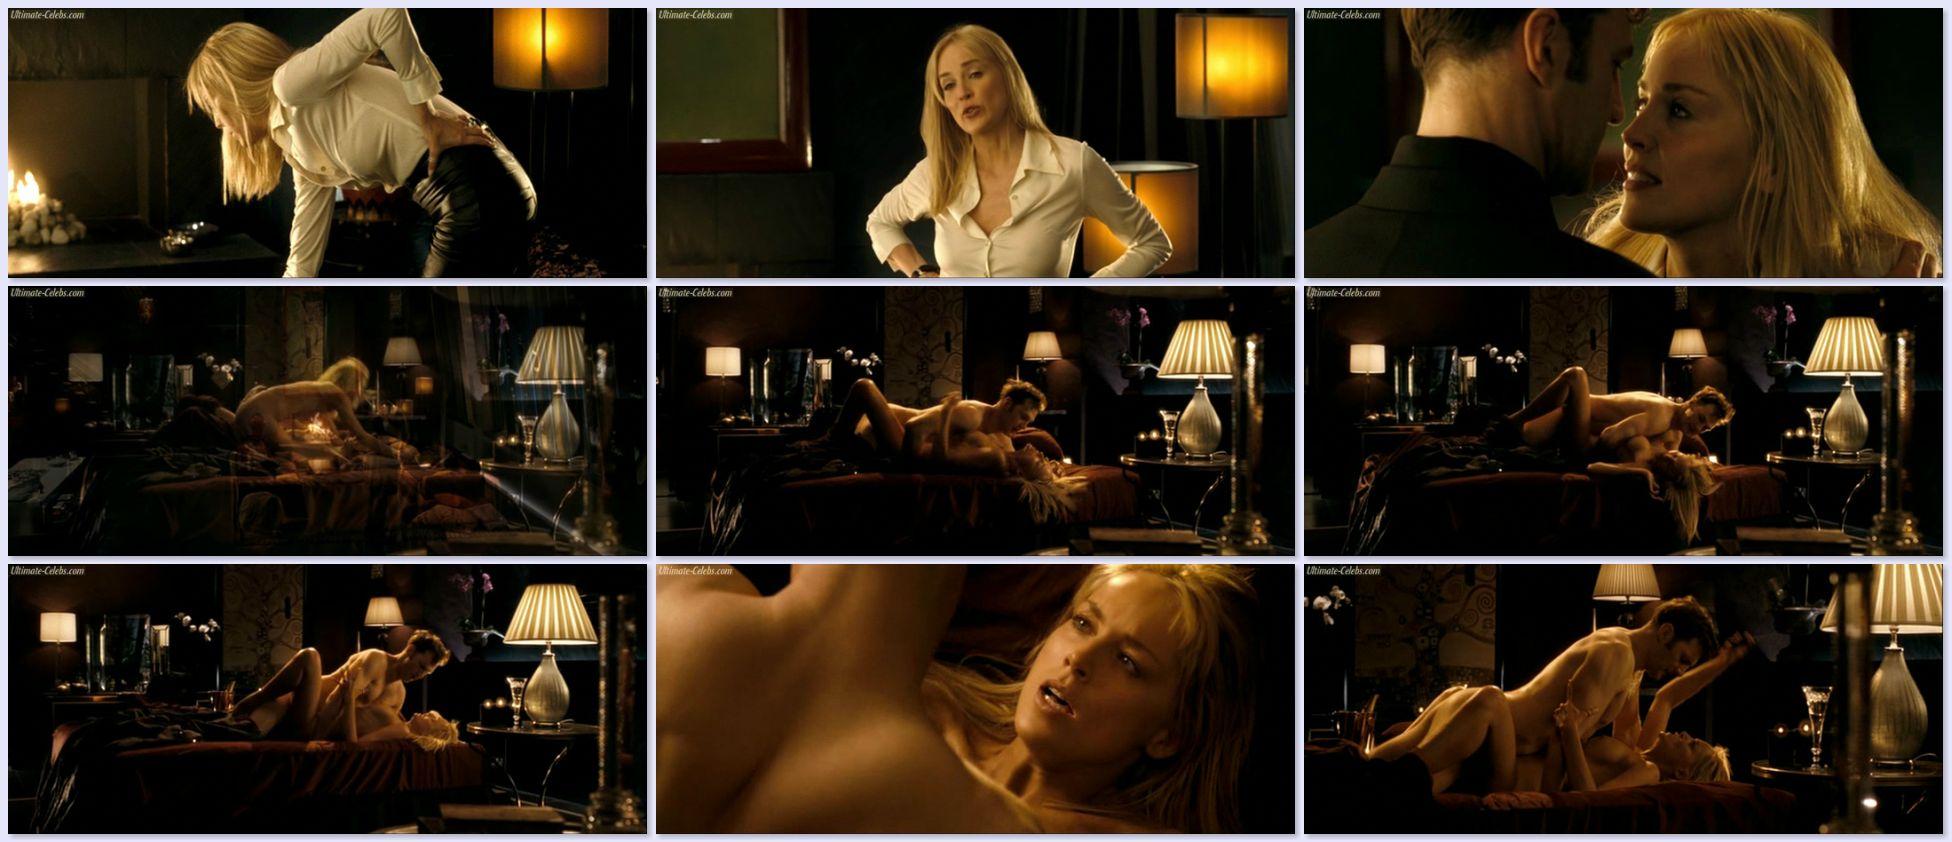 Смотреть онлайн порно инстинкт 7 фотография